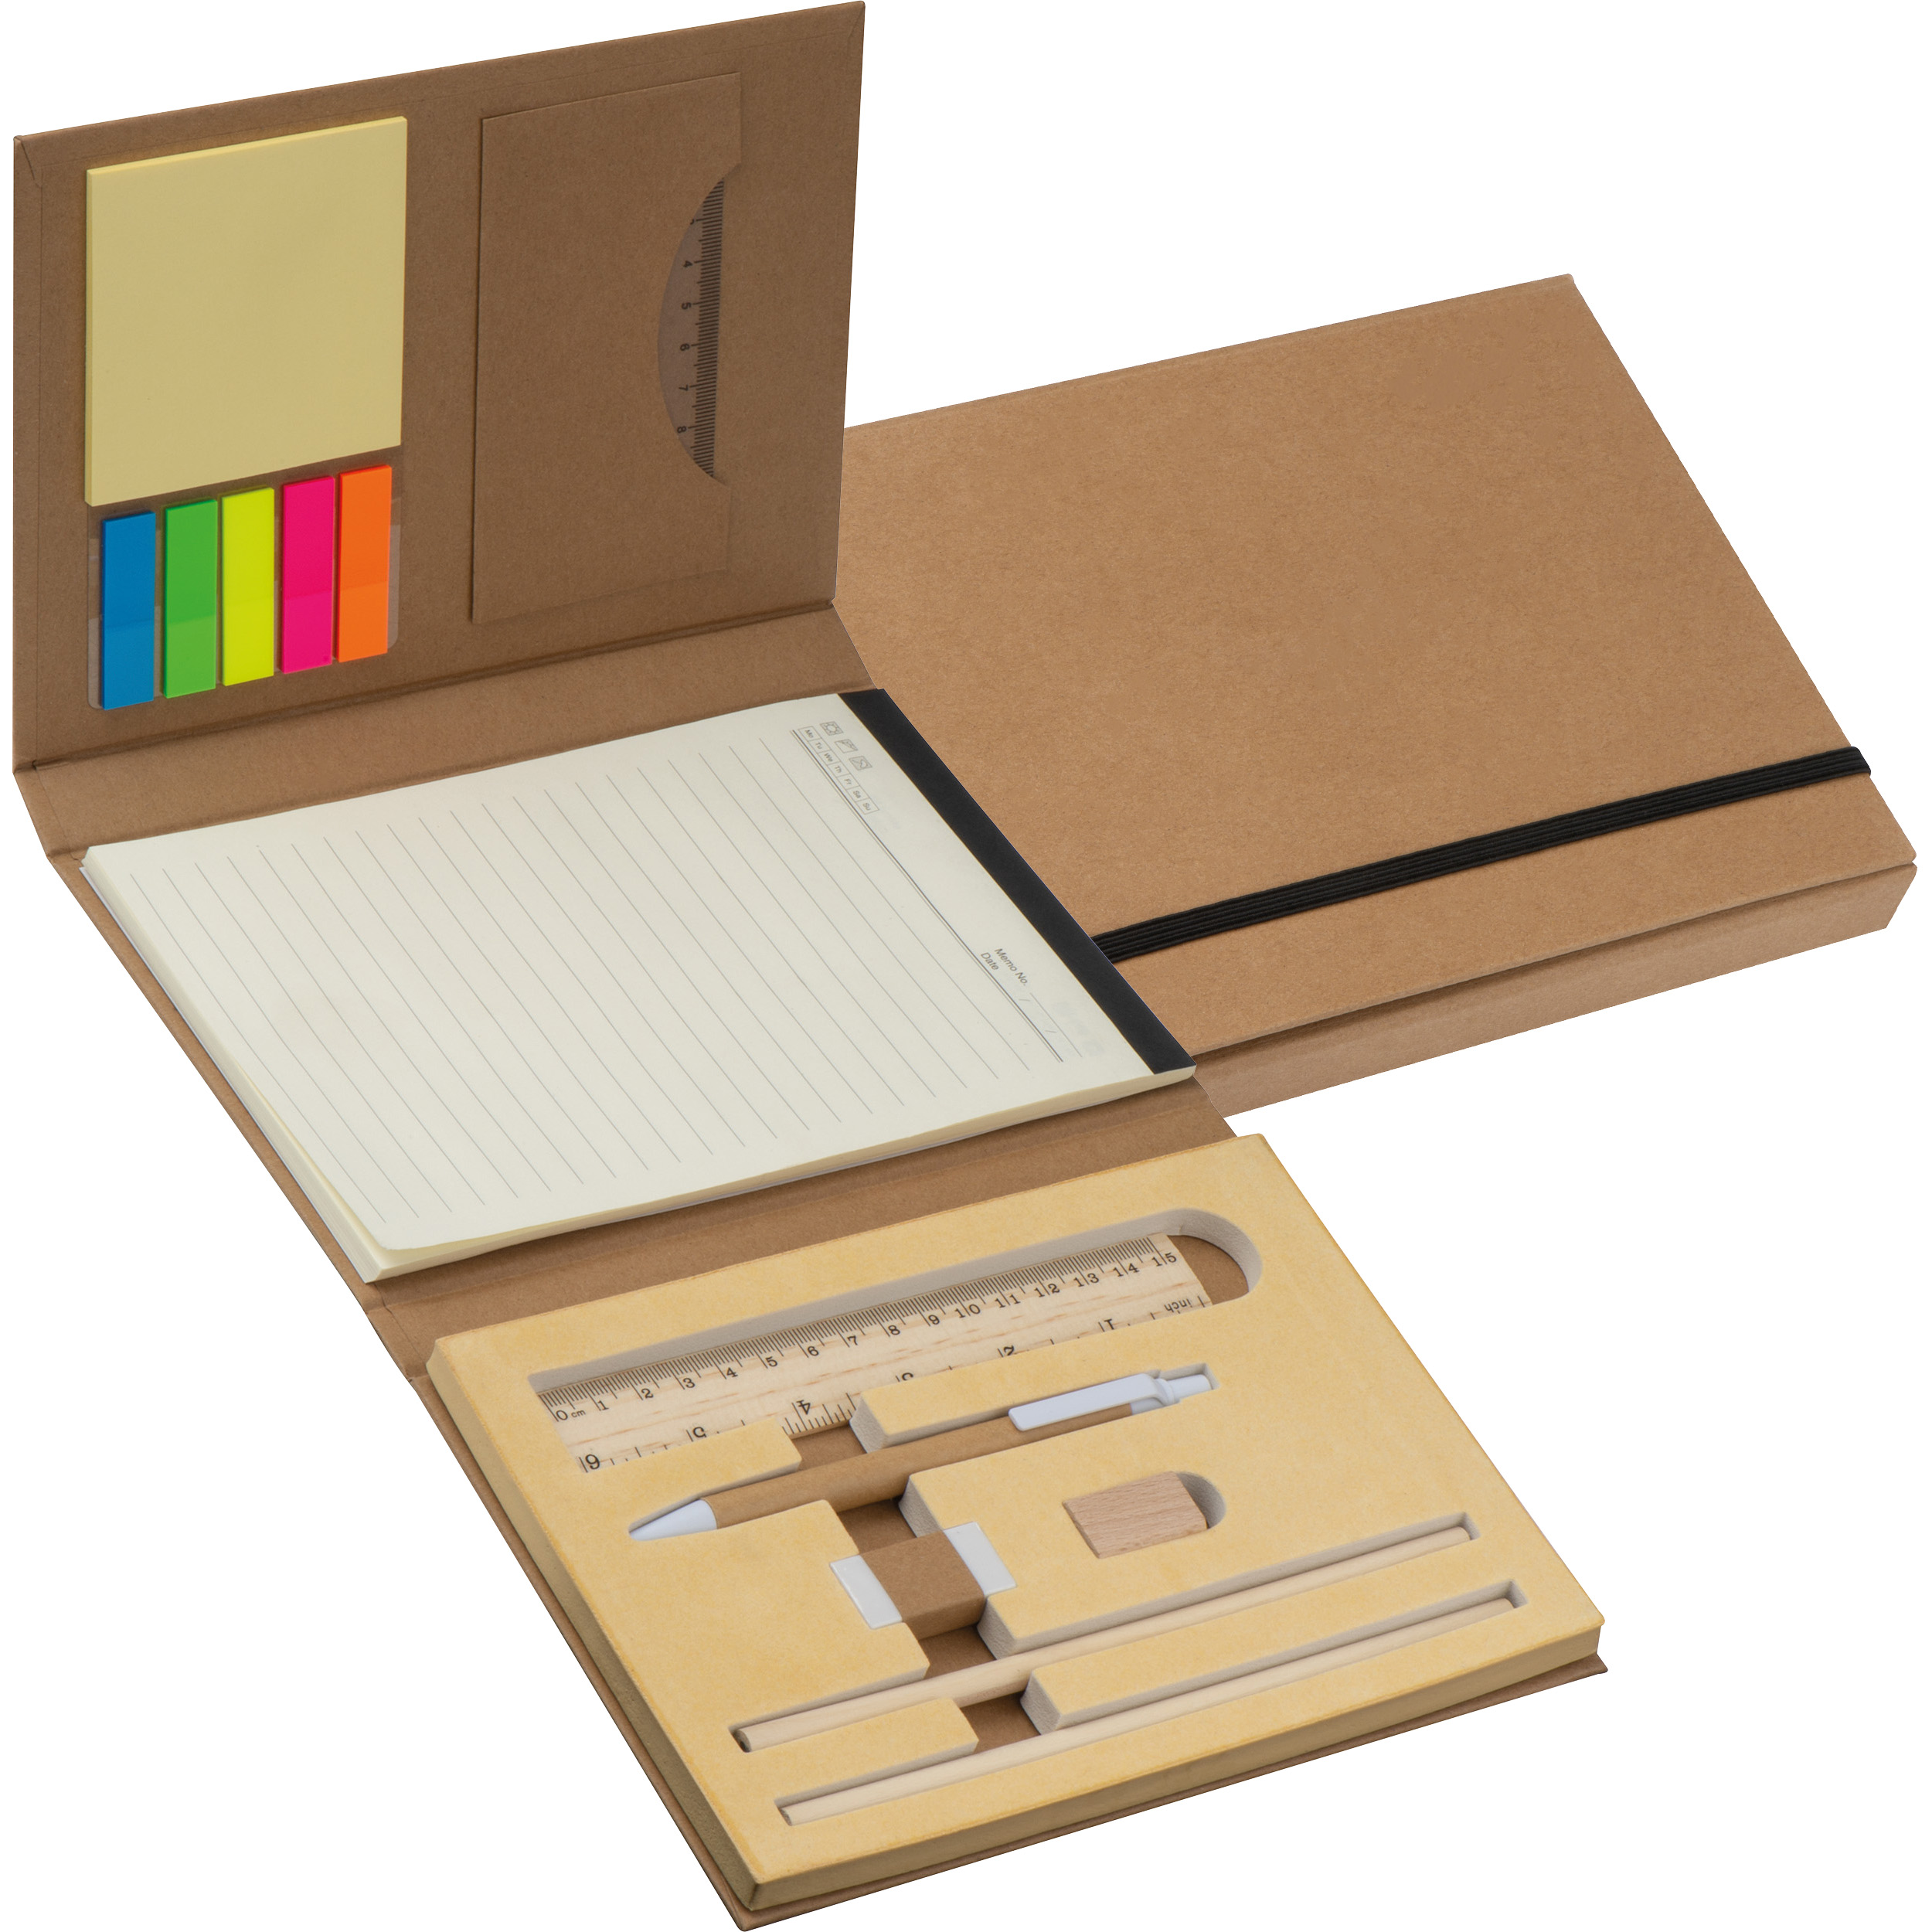 Conférencier avec couverture en carton, règle, bloc-notes et marqueurs adhésifs